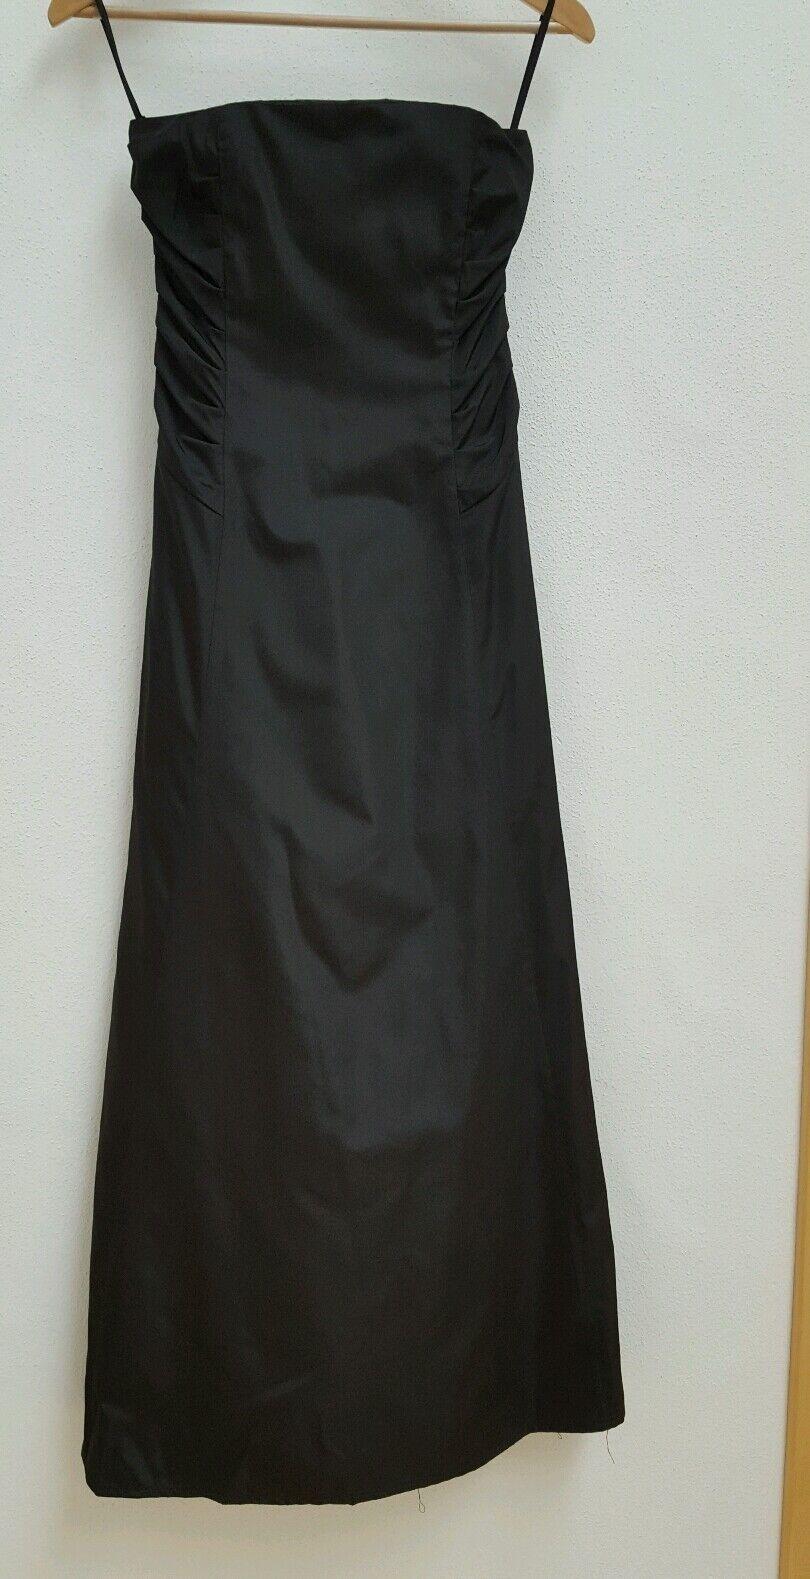 ZERO DaMänner Abendkleid Kleid elegant schwarz Gr.34 wNEU